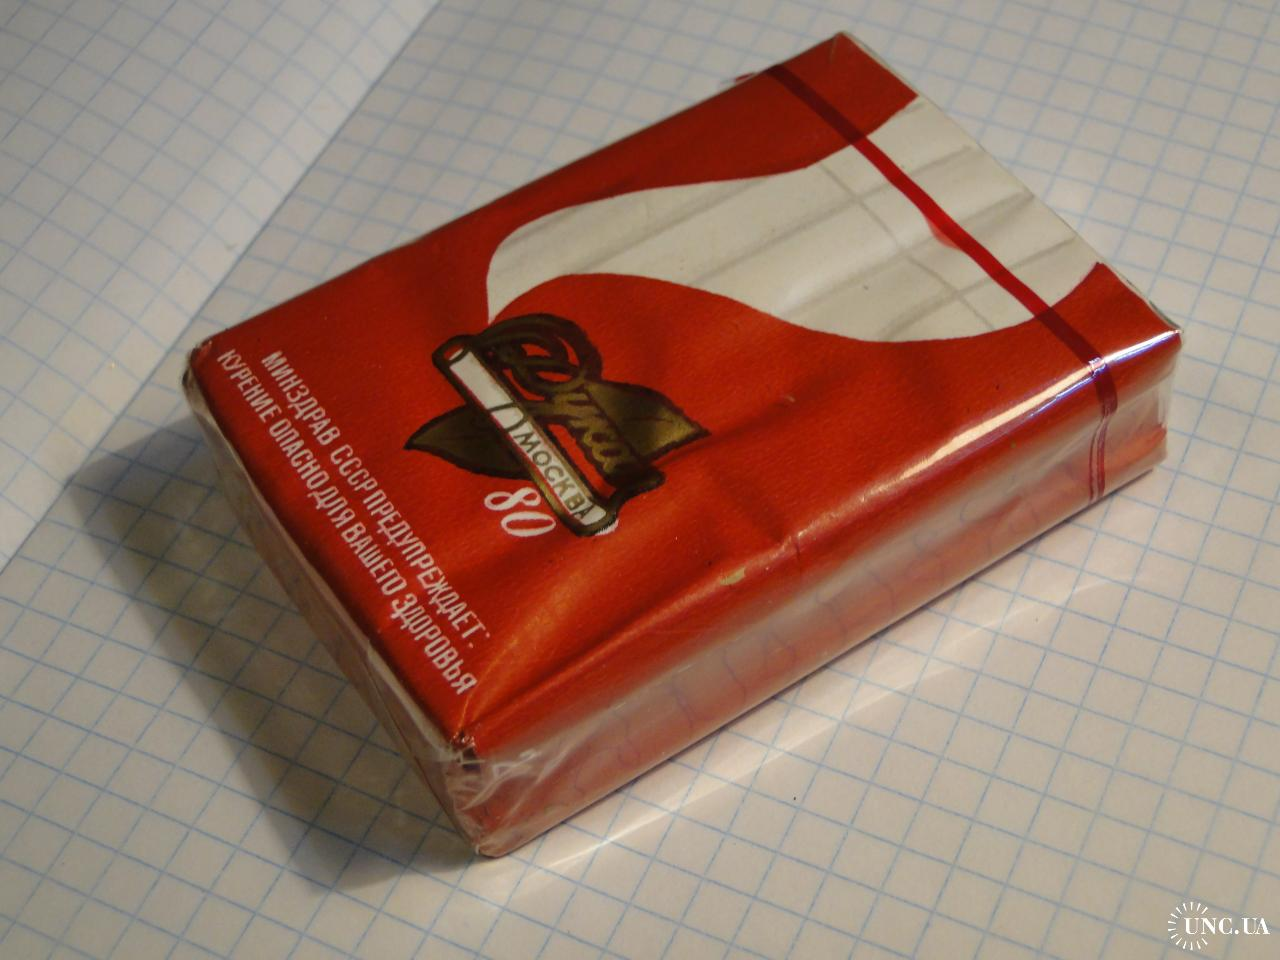 Сигареты дукат купить в москве где купить дешевые сигареты с спб